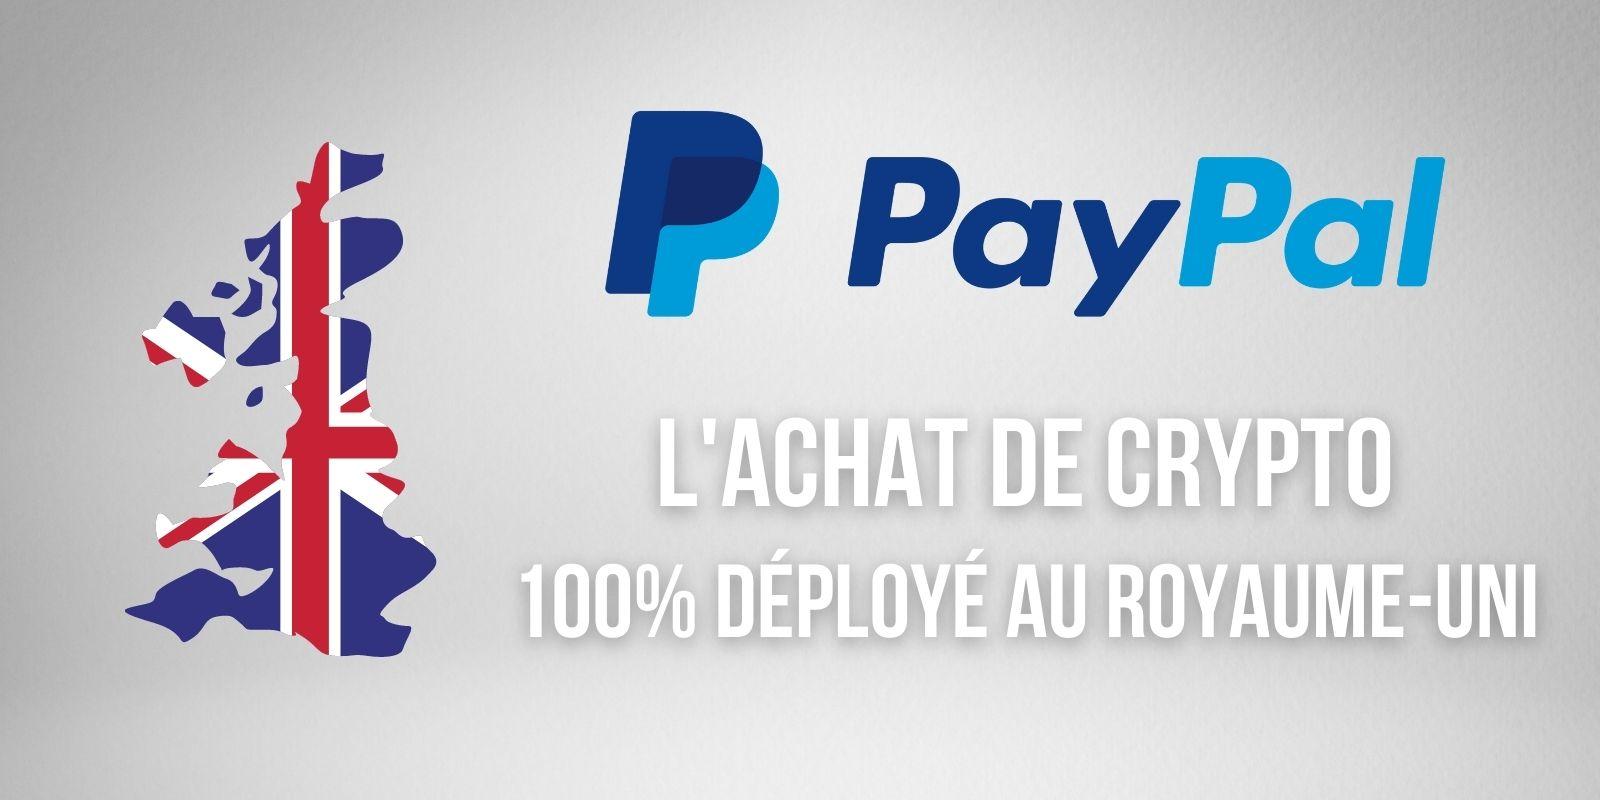 Le service d'achat de cryptomonnaies de PayPal est entièrement déployé au Royaume-Uni